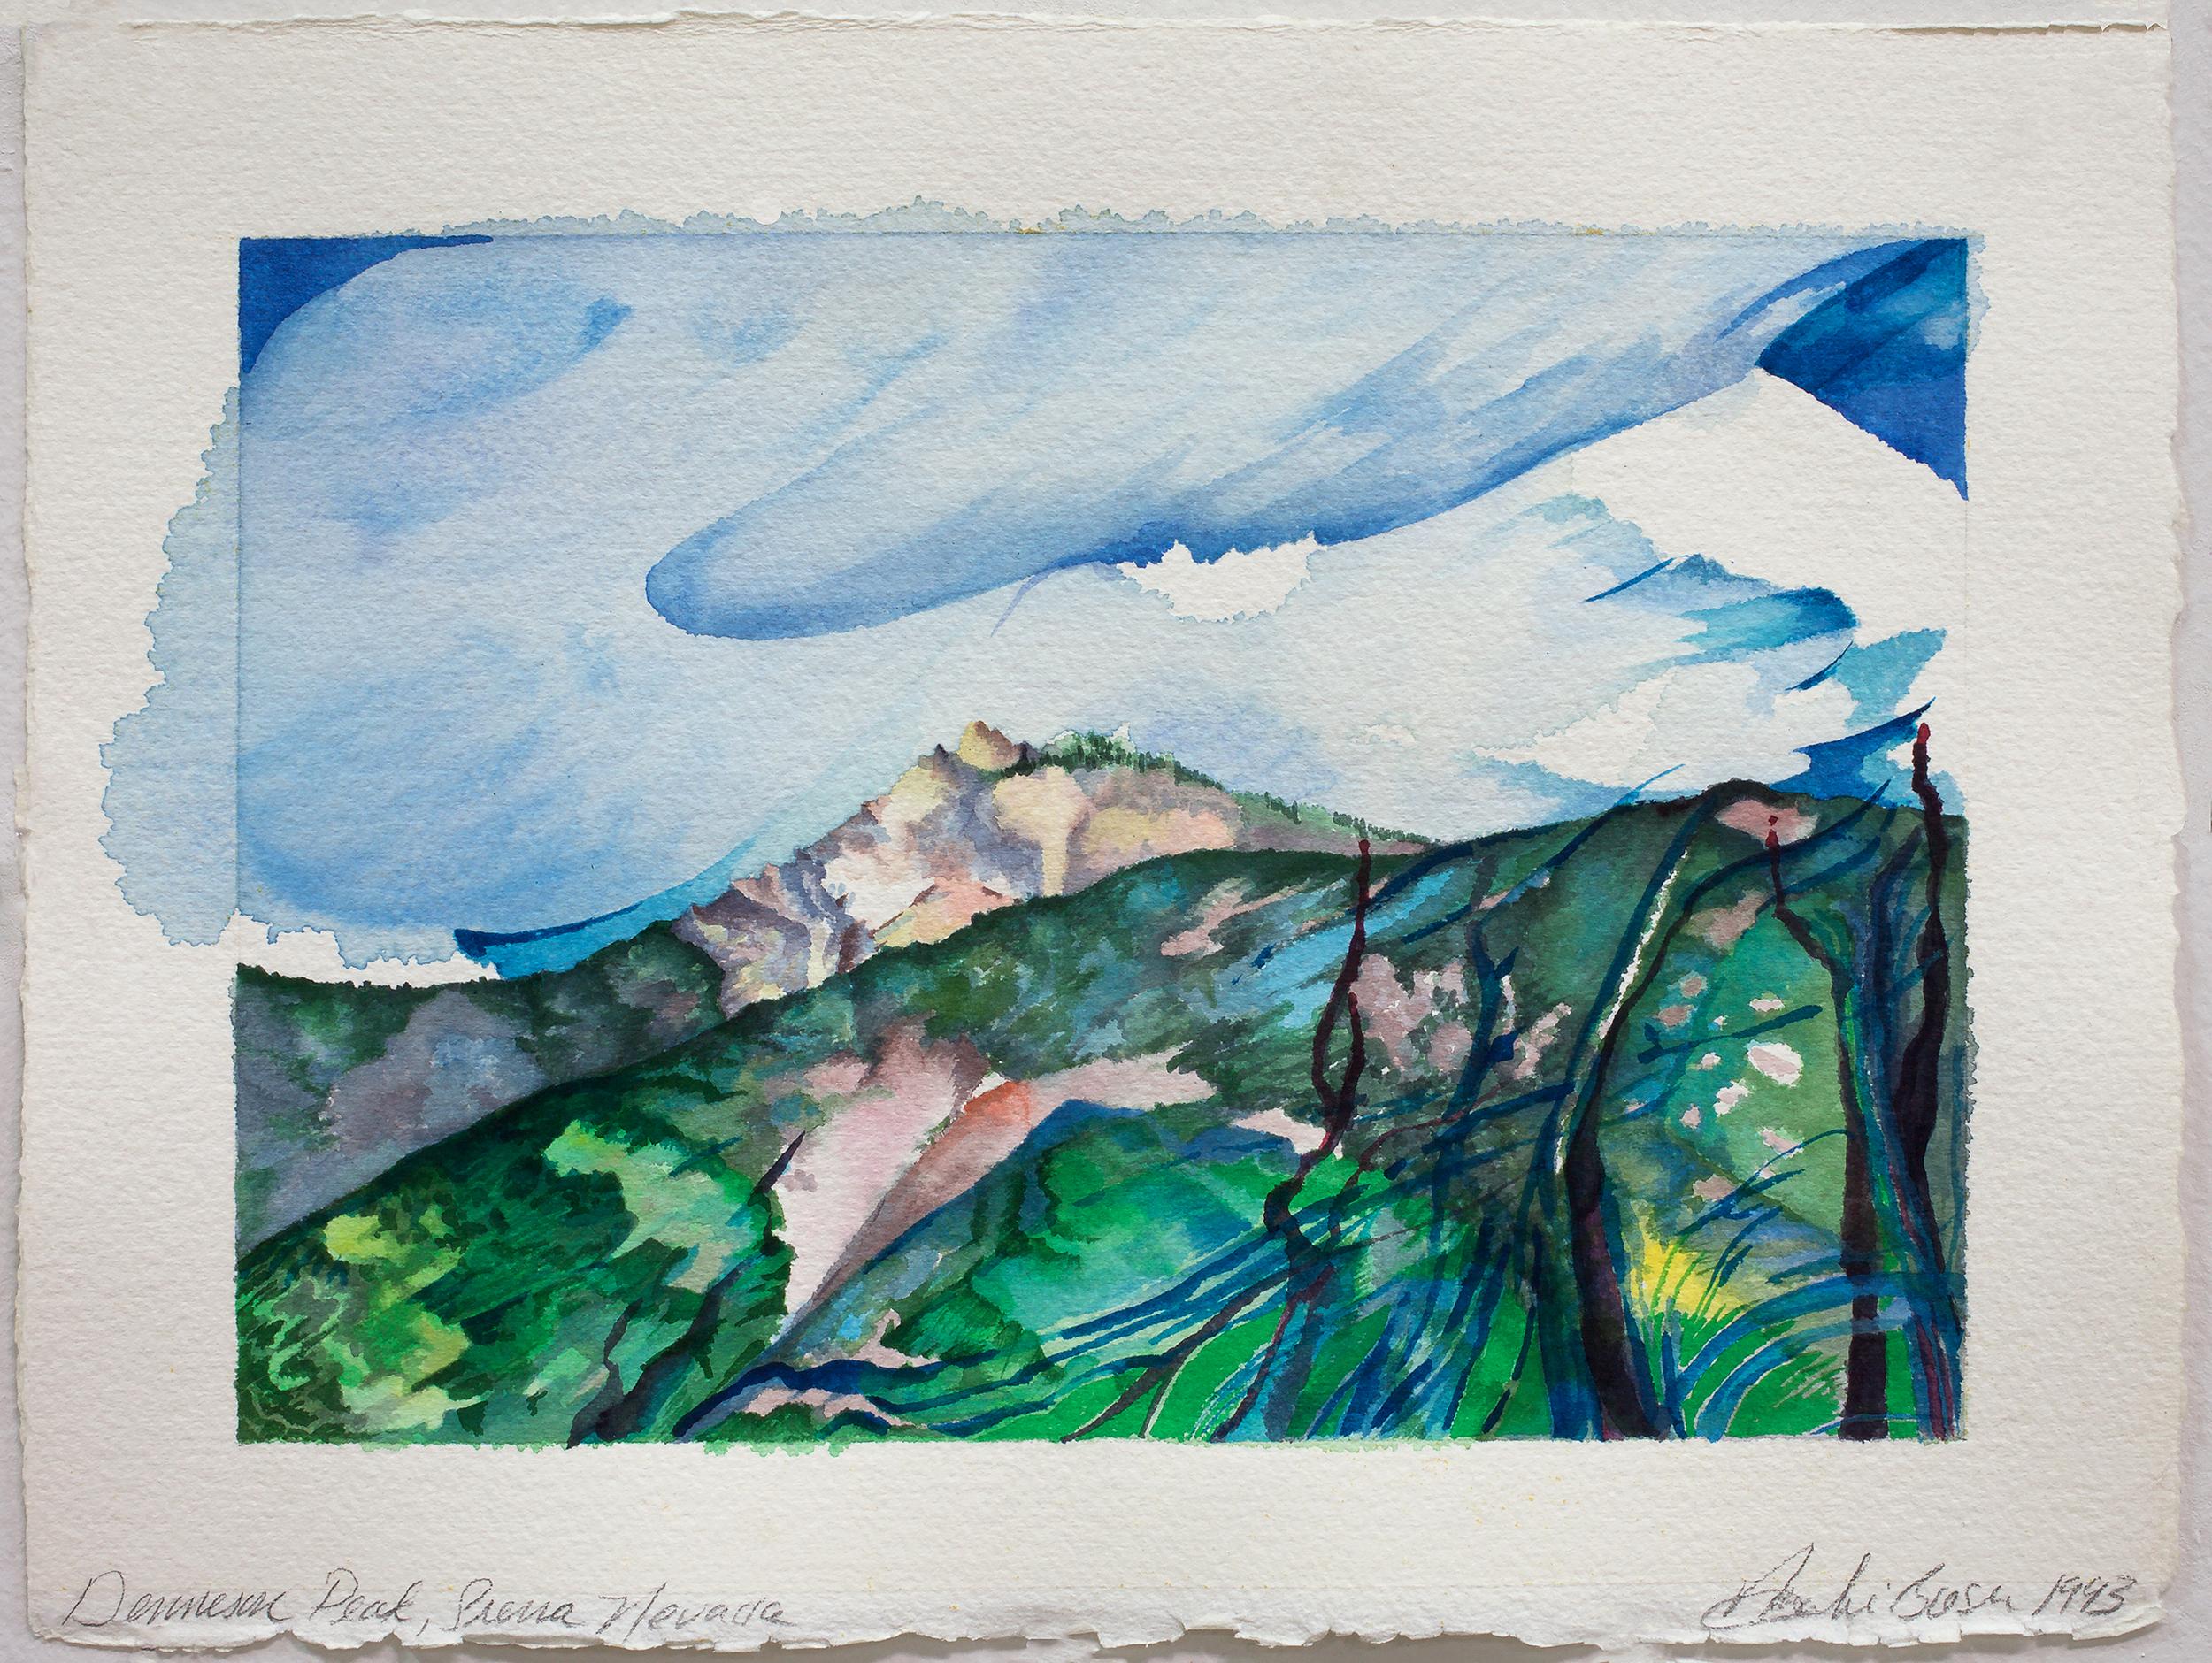 Dennisin Peak